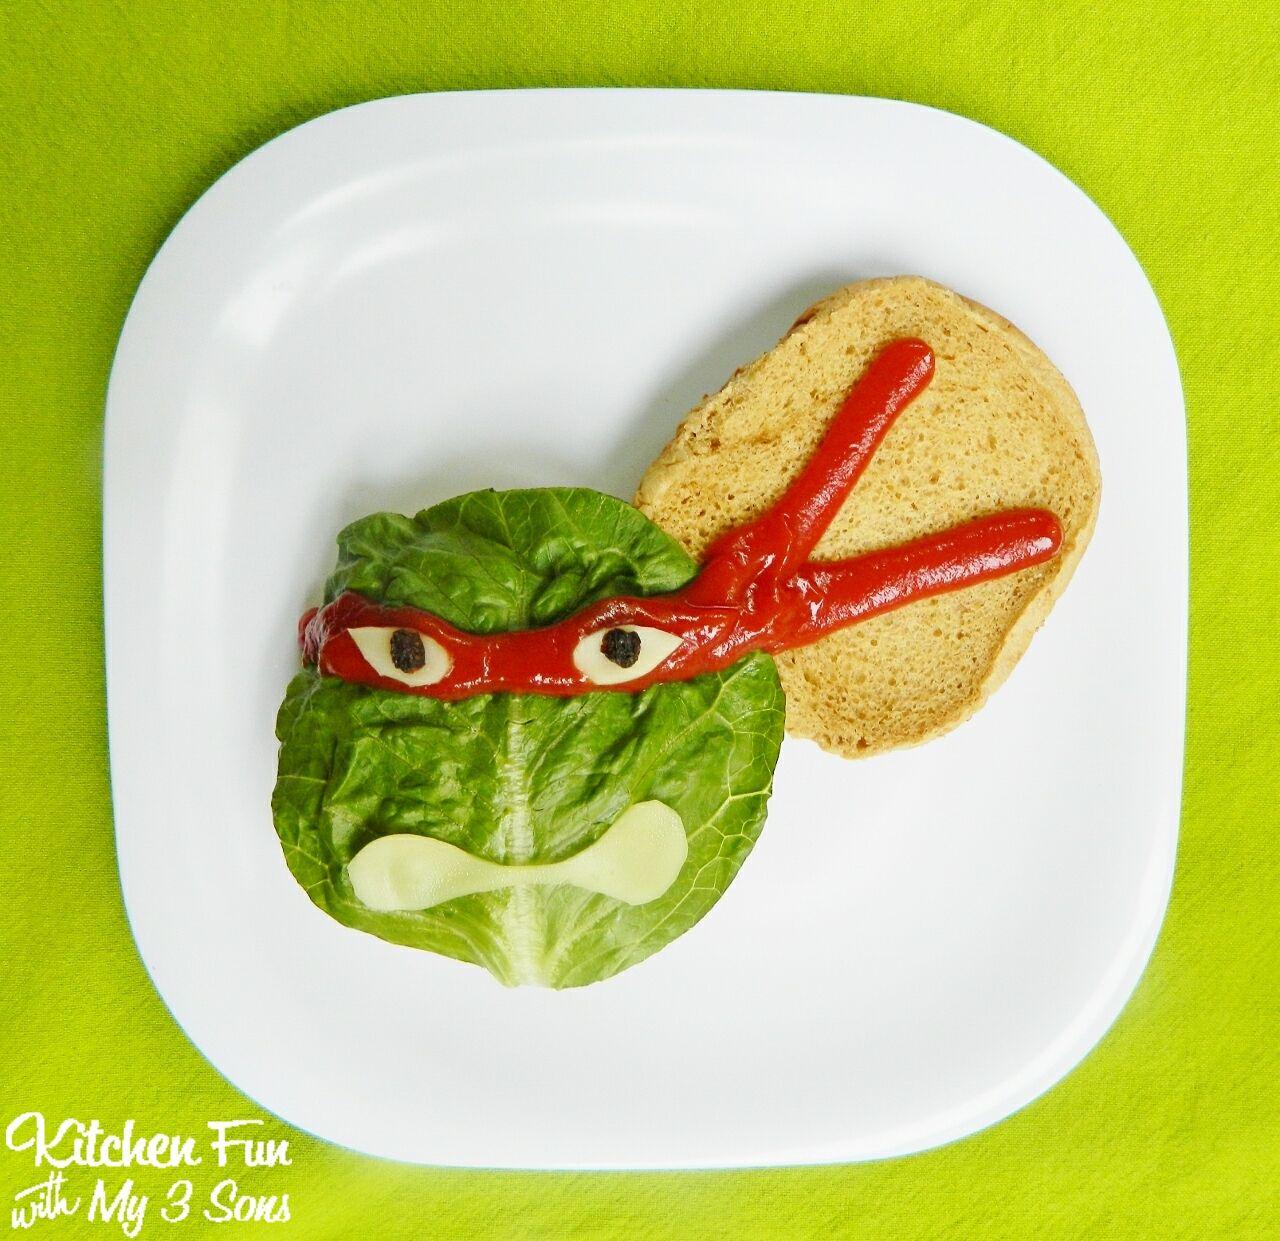 Bring the Teenage Mutant Ninja Turtles to lunchtime with these fun burgers!- Little Passports #littlepassports #teenagemutantninjaturtles #kidslunch #burgers - Kreabarn.dk sætter børn i fokus. Følg med på Facebook, instagram, pinterest og vores blog, kreatip.